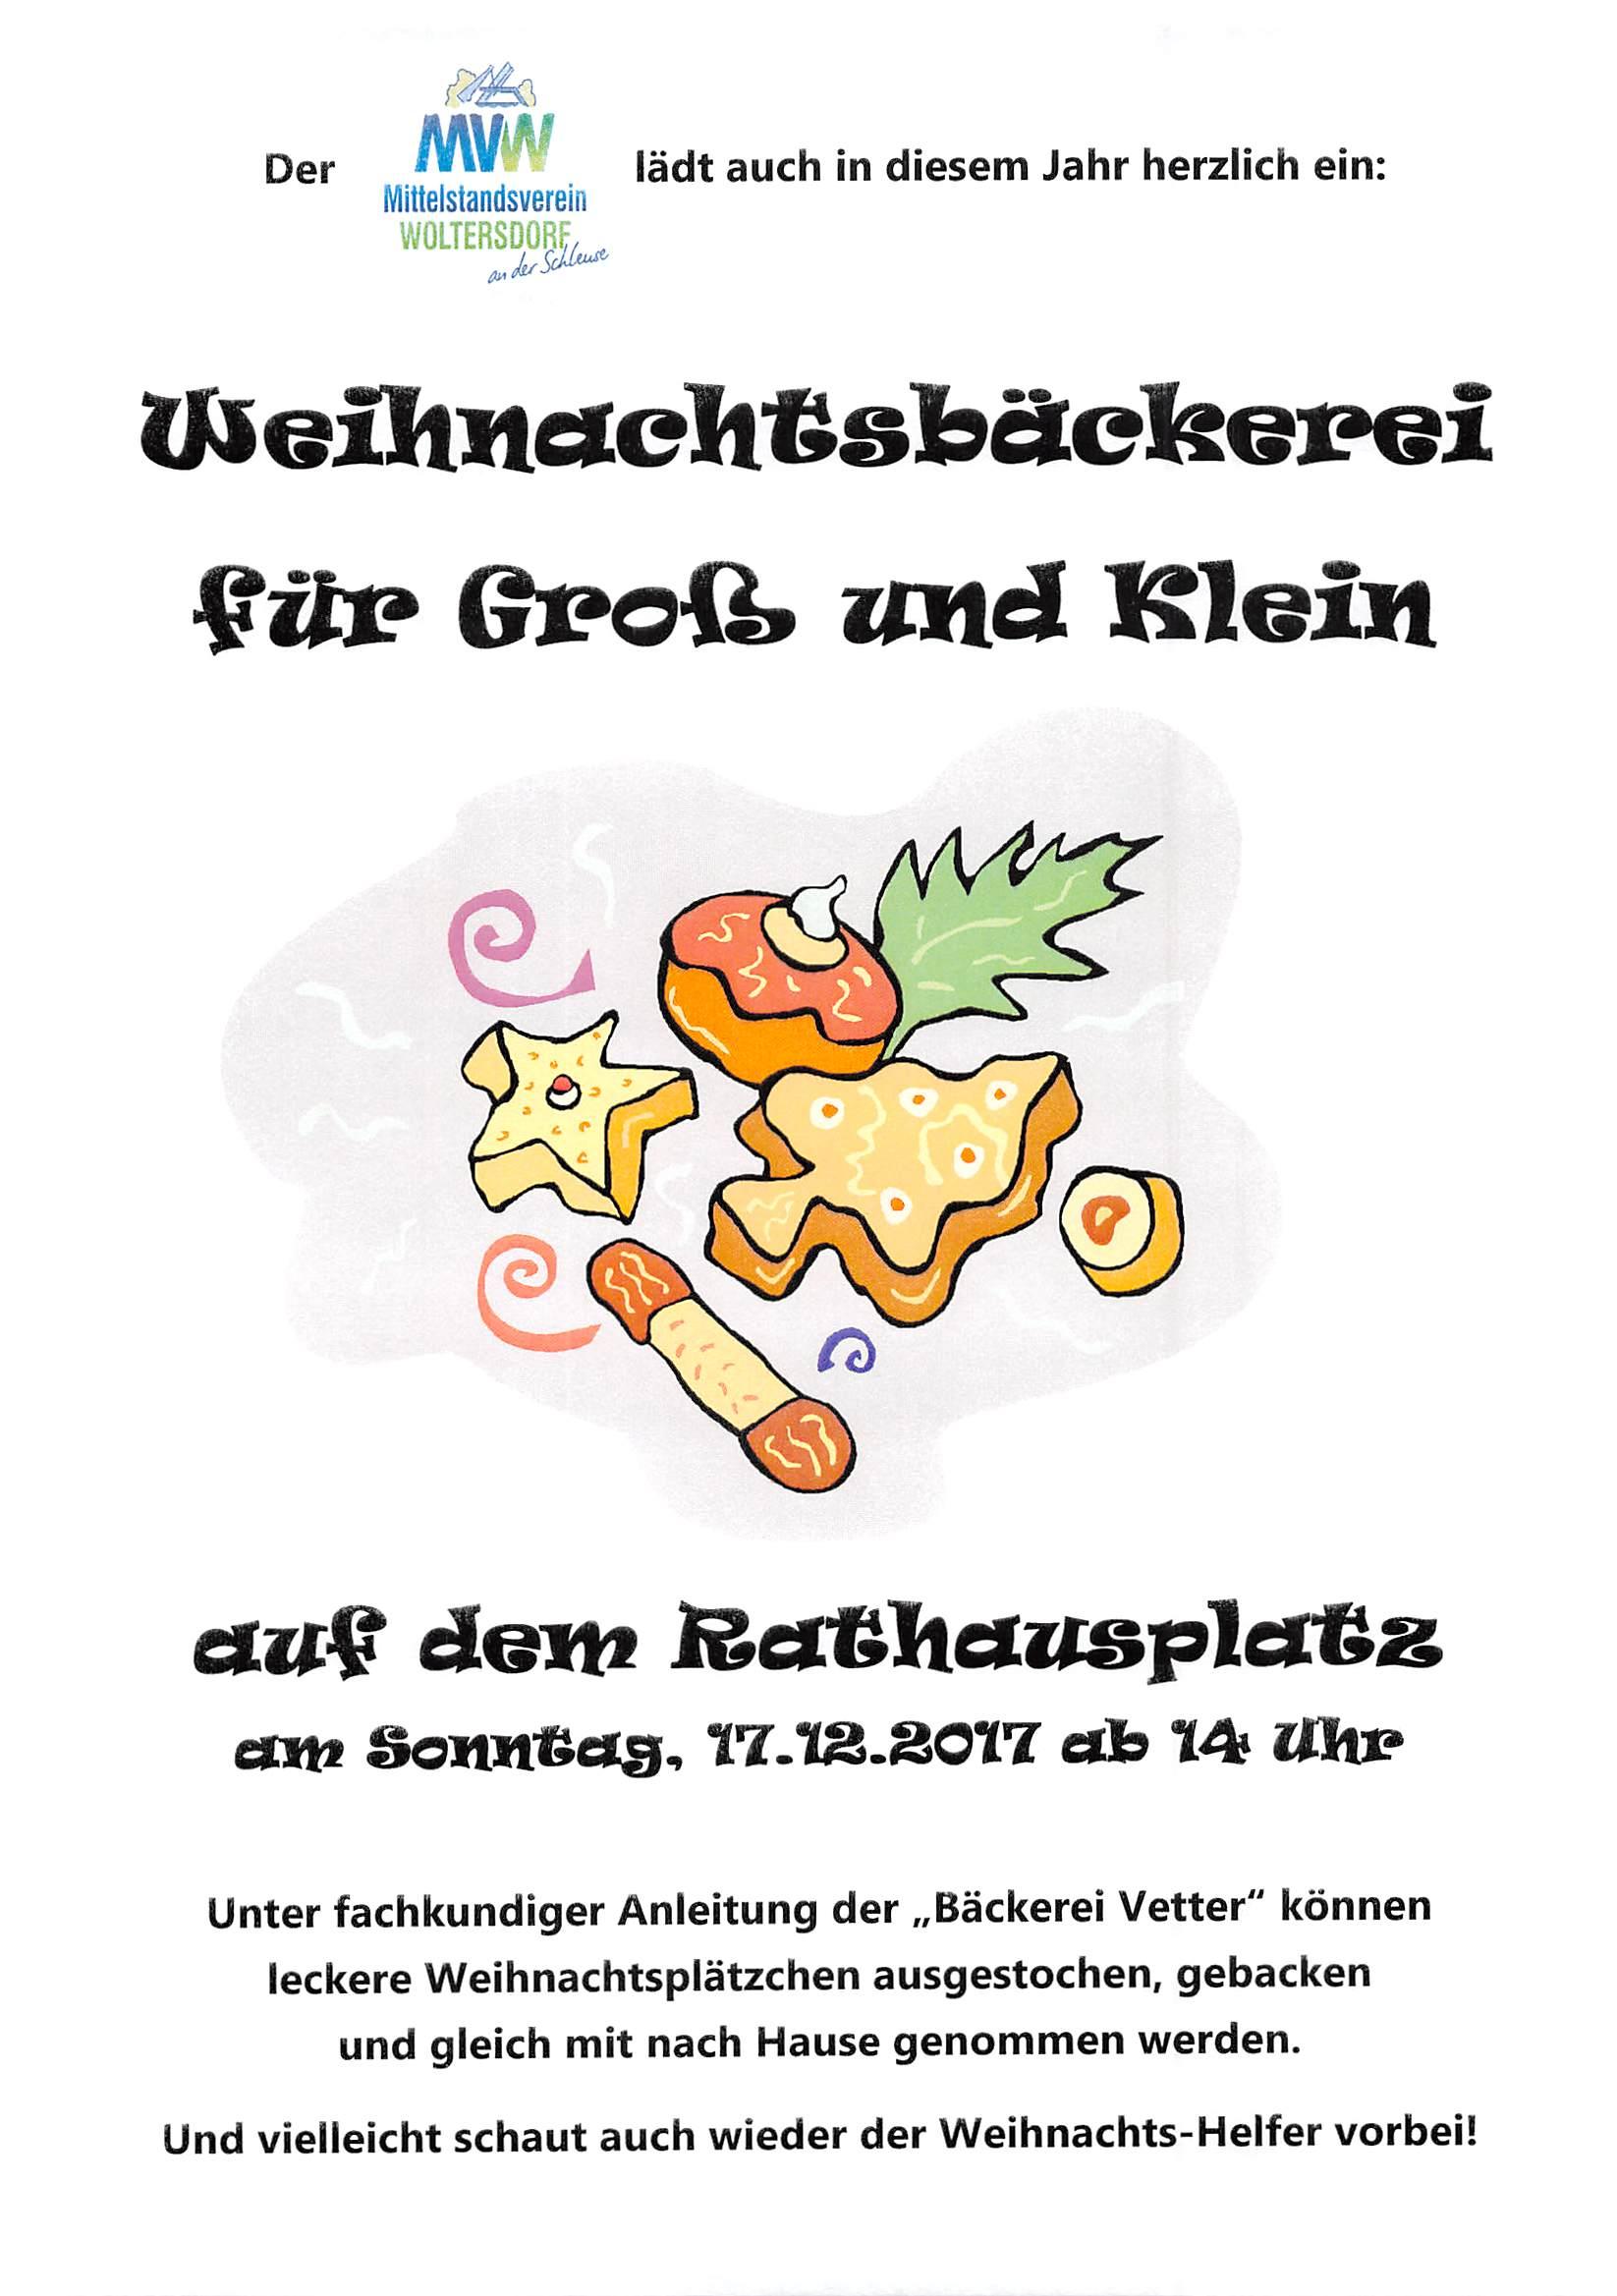 17.12.2017 – Weihnachtsbäckerei für Groß und Klein am 3. Advent